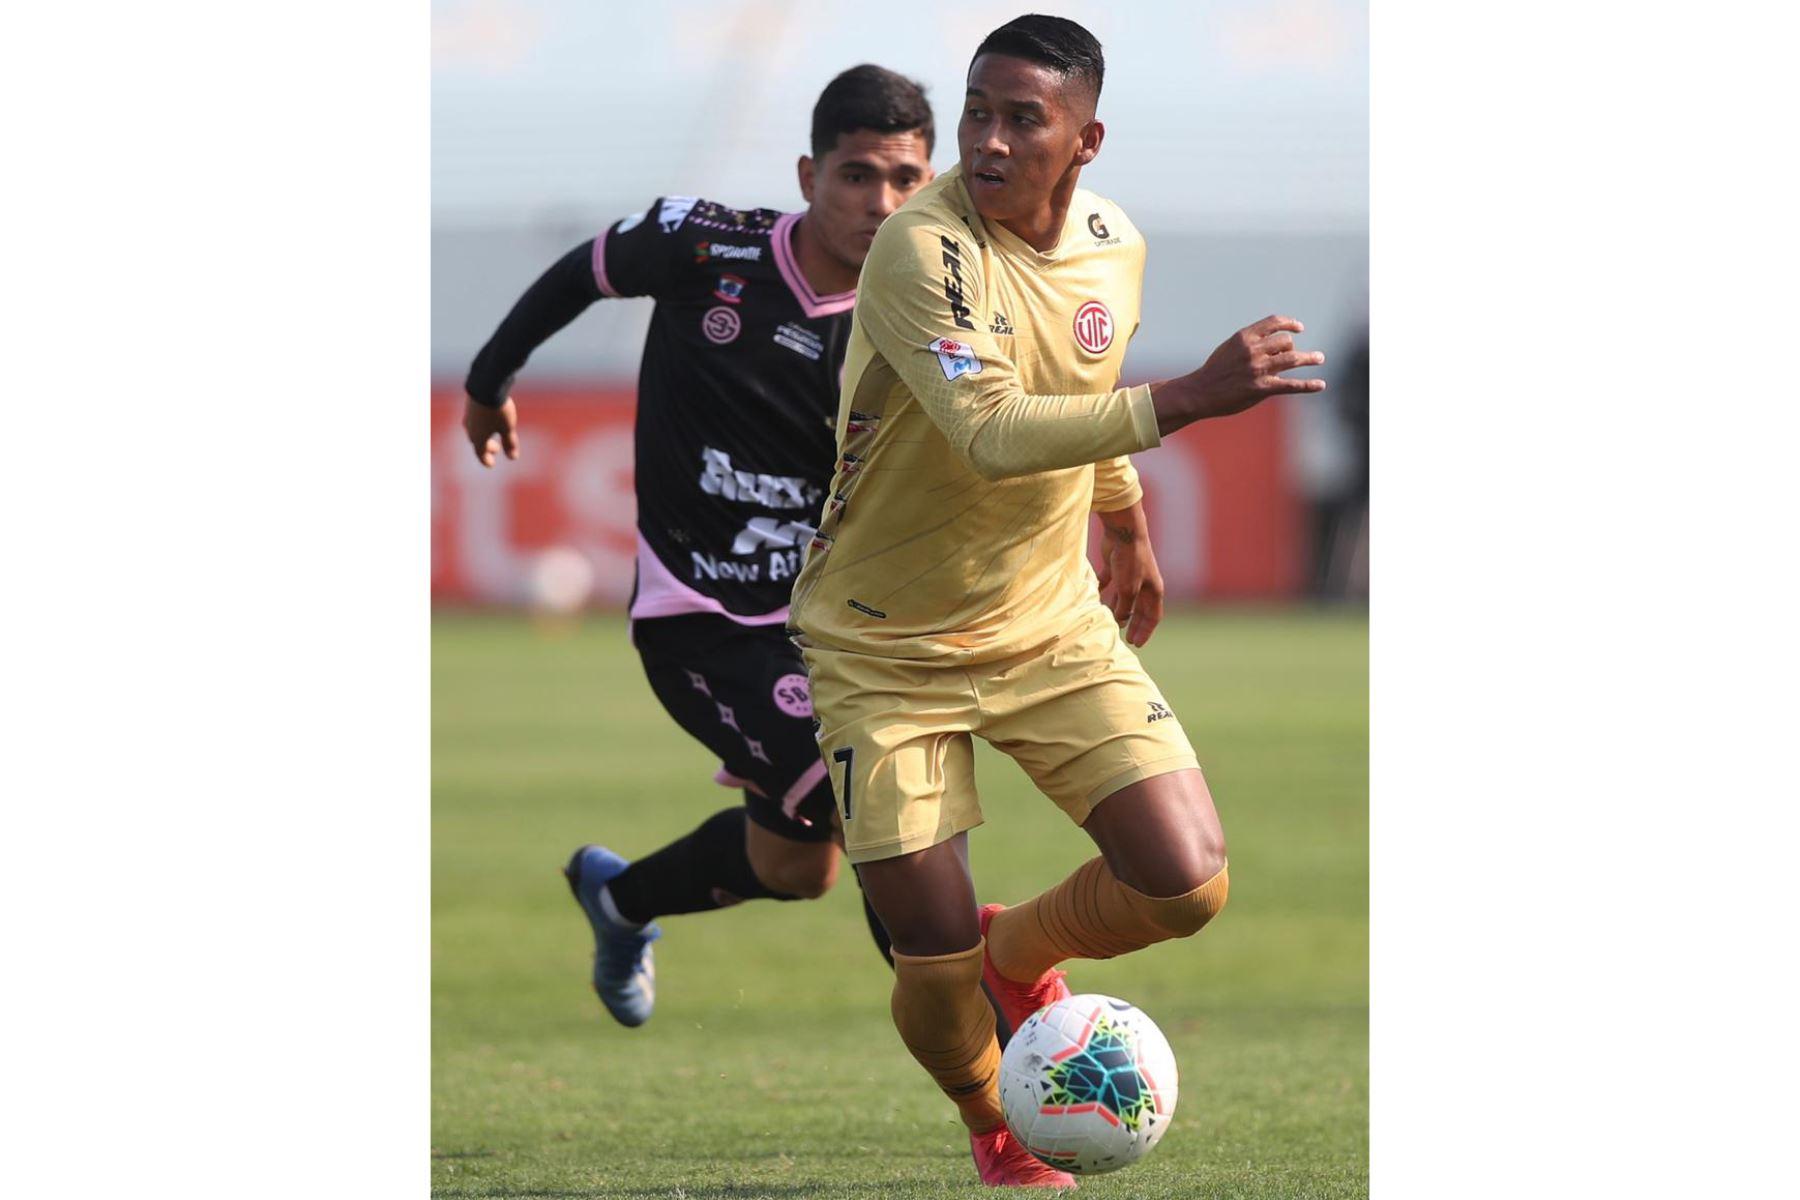 El futbolista J. Estrada del  Club UTC  domina el balón ante la marca de su rival de Sport Boys, por la jornada 10 de la Liga 1, en el estadio Alberto Gallardo.  Foto: LigaFutProf